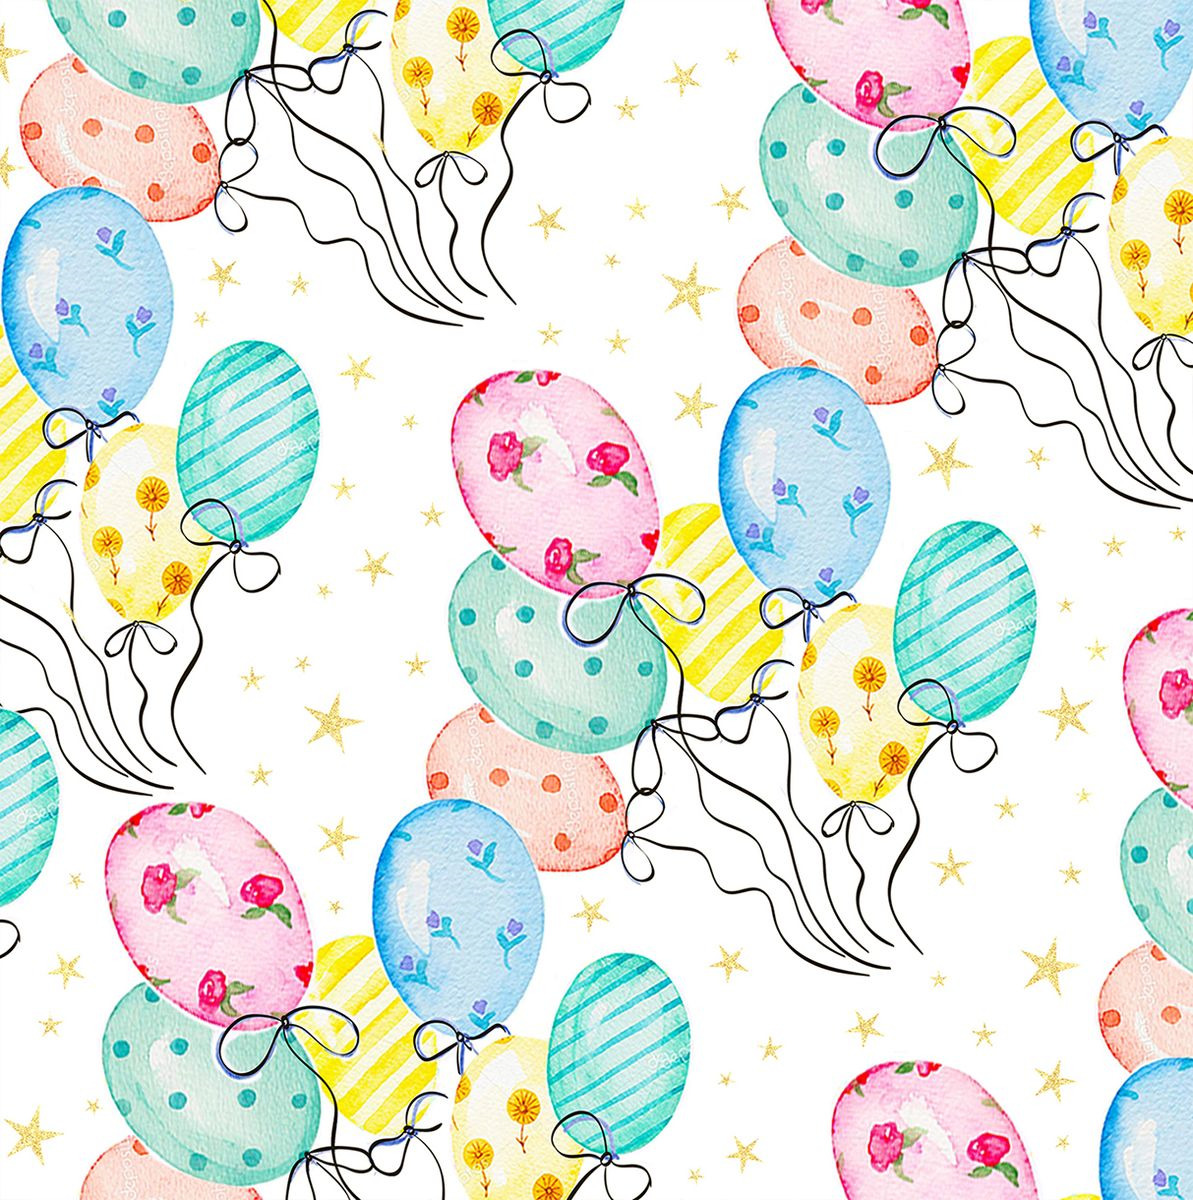 Упаковочная бумага Magic Home Веселые шары, 79429, мультиколор, 100 х 70 см